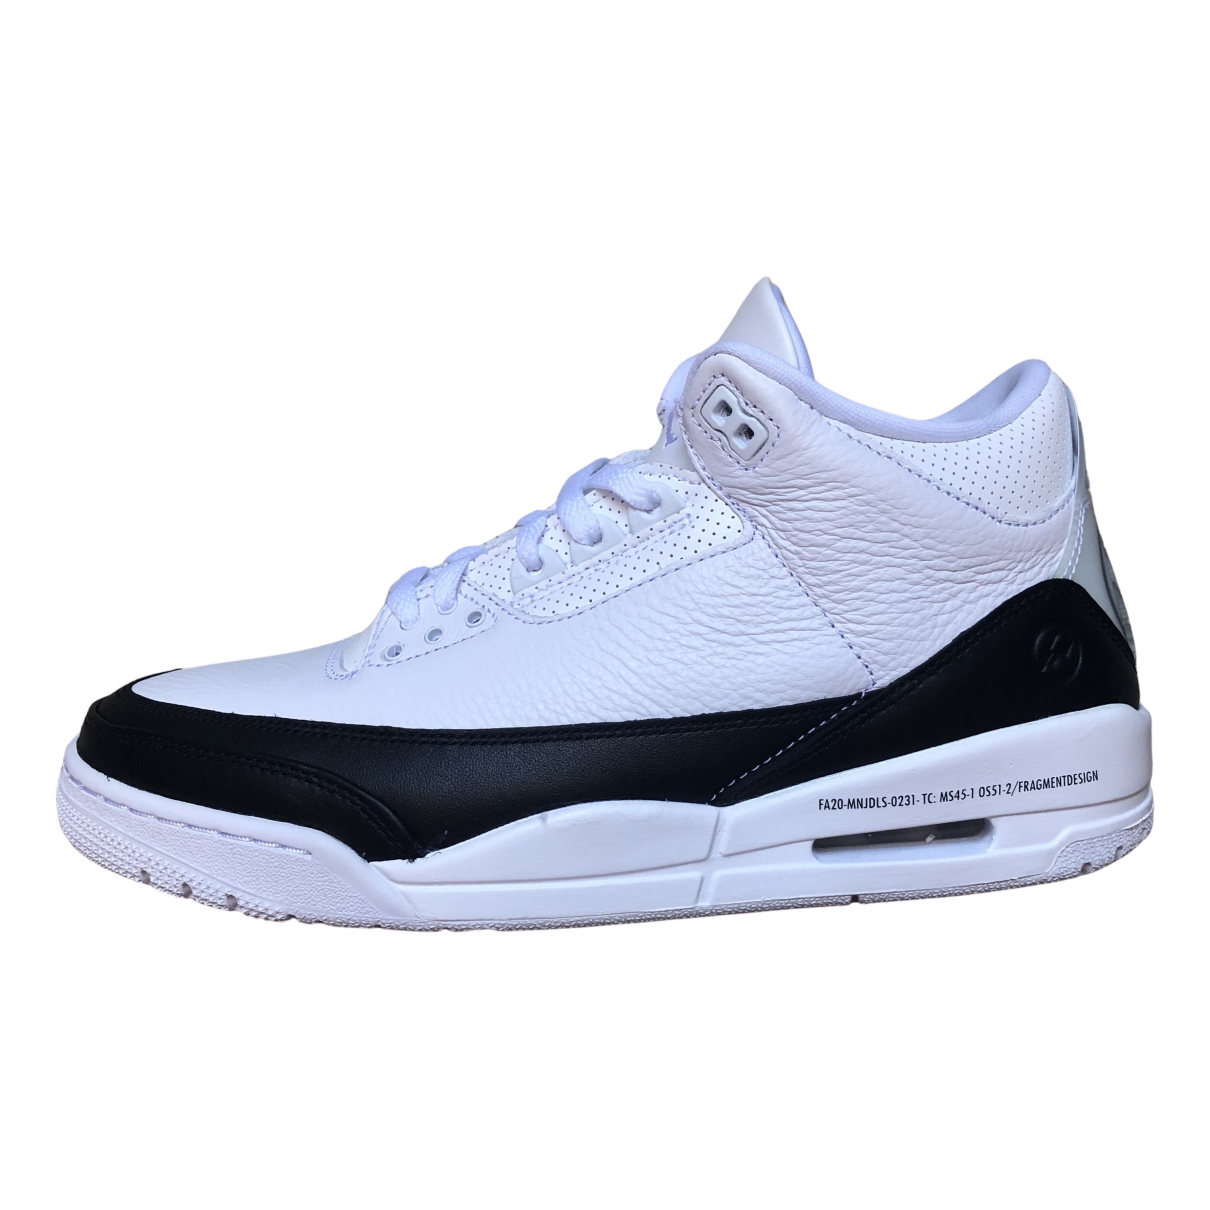 Jordan Air Jordan 3 White Leather Trainers for Men 44.5 EU